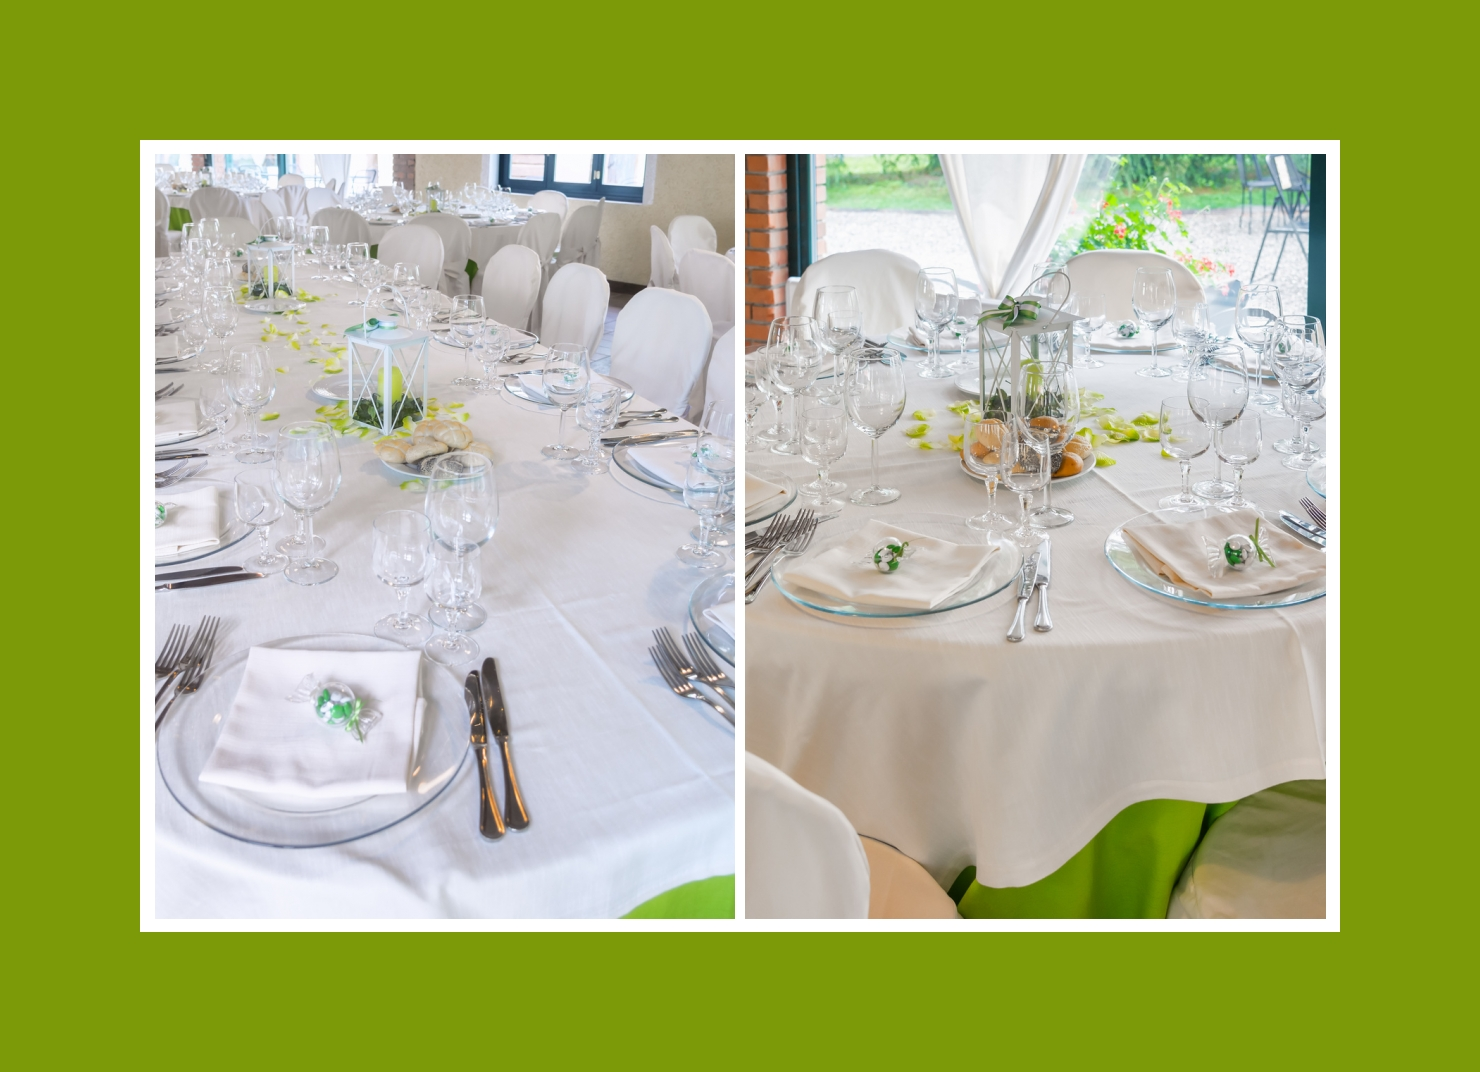 Tischdeko weiß-grün mit Laterne